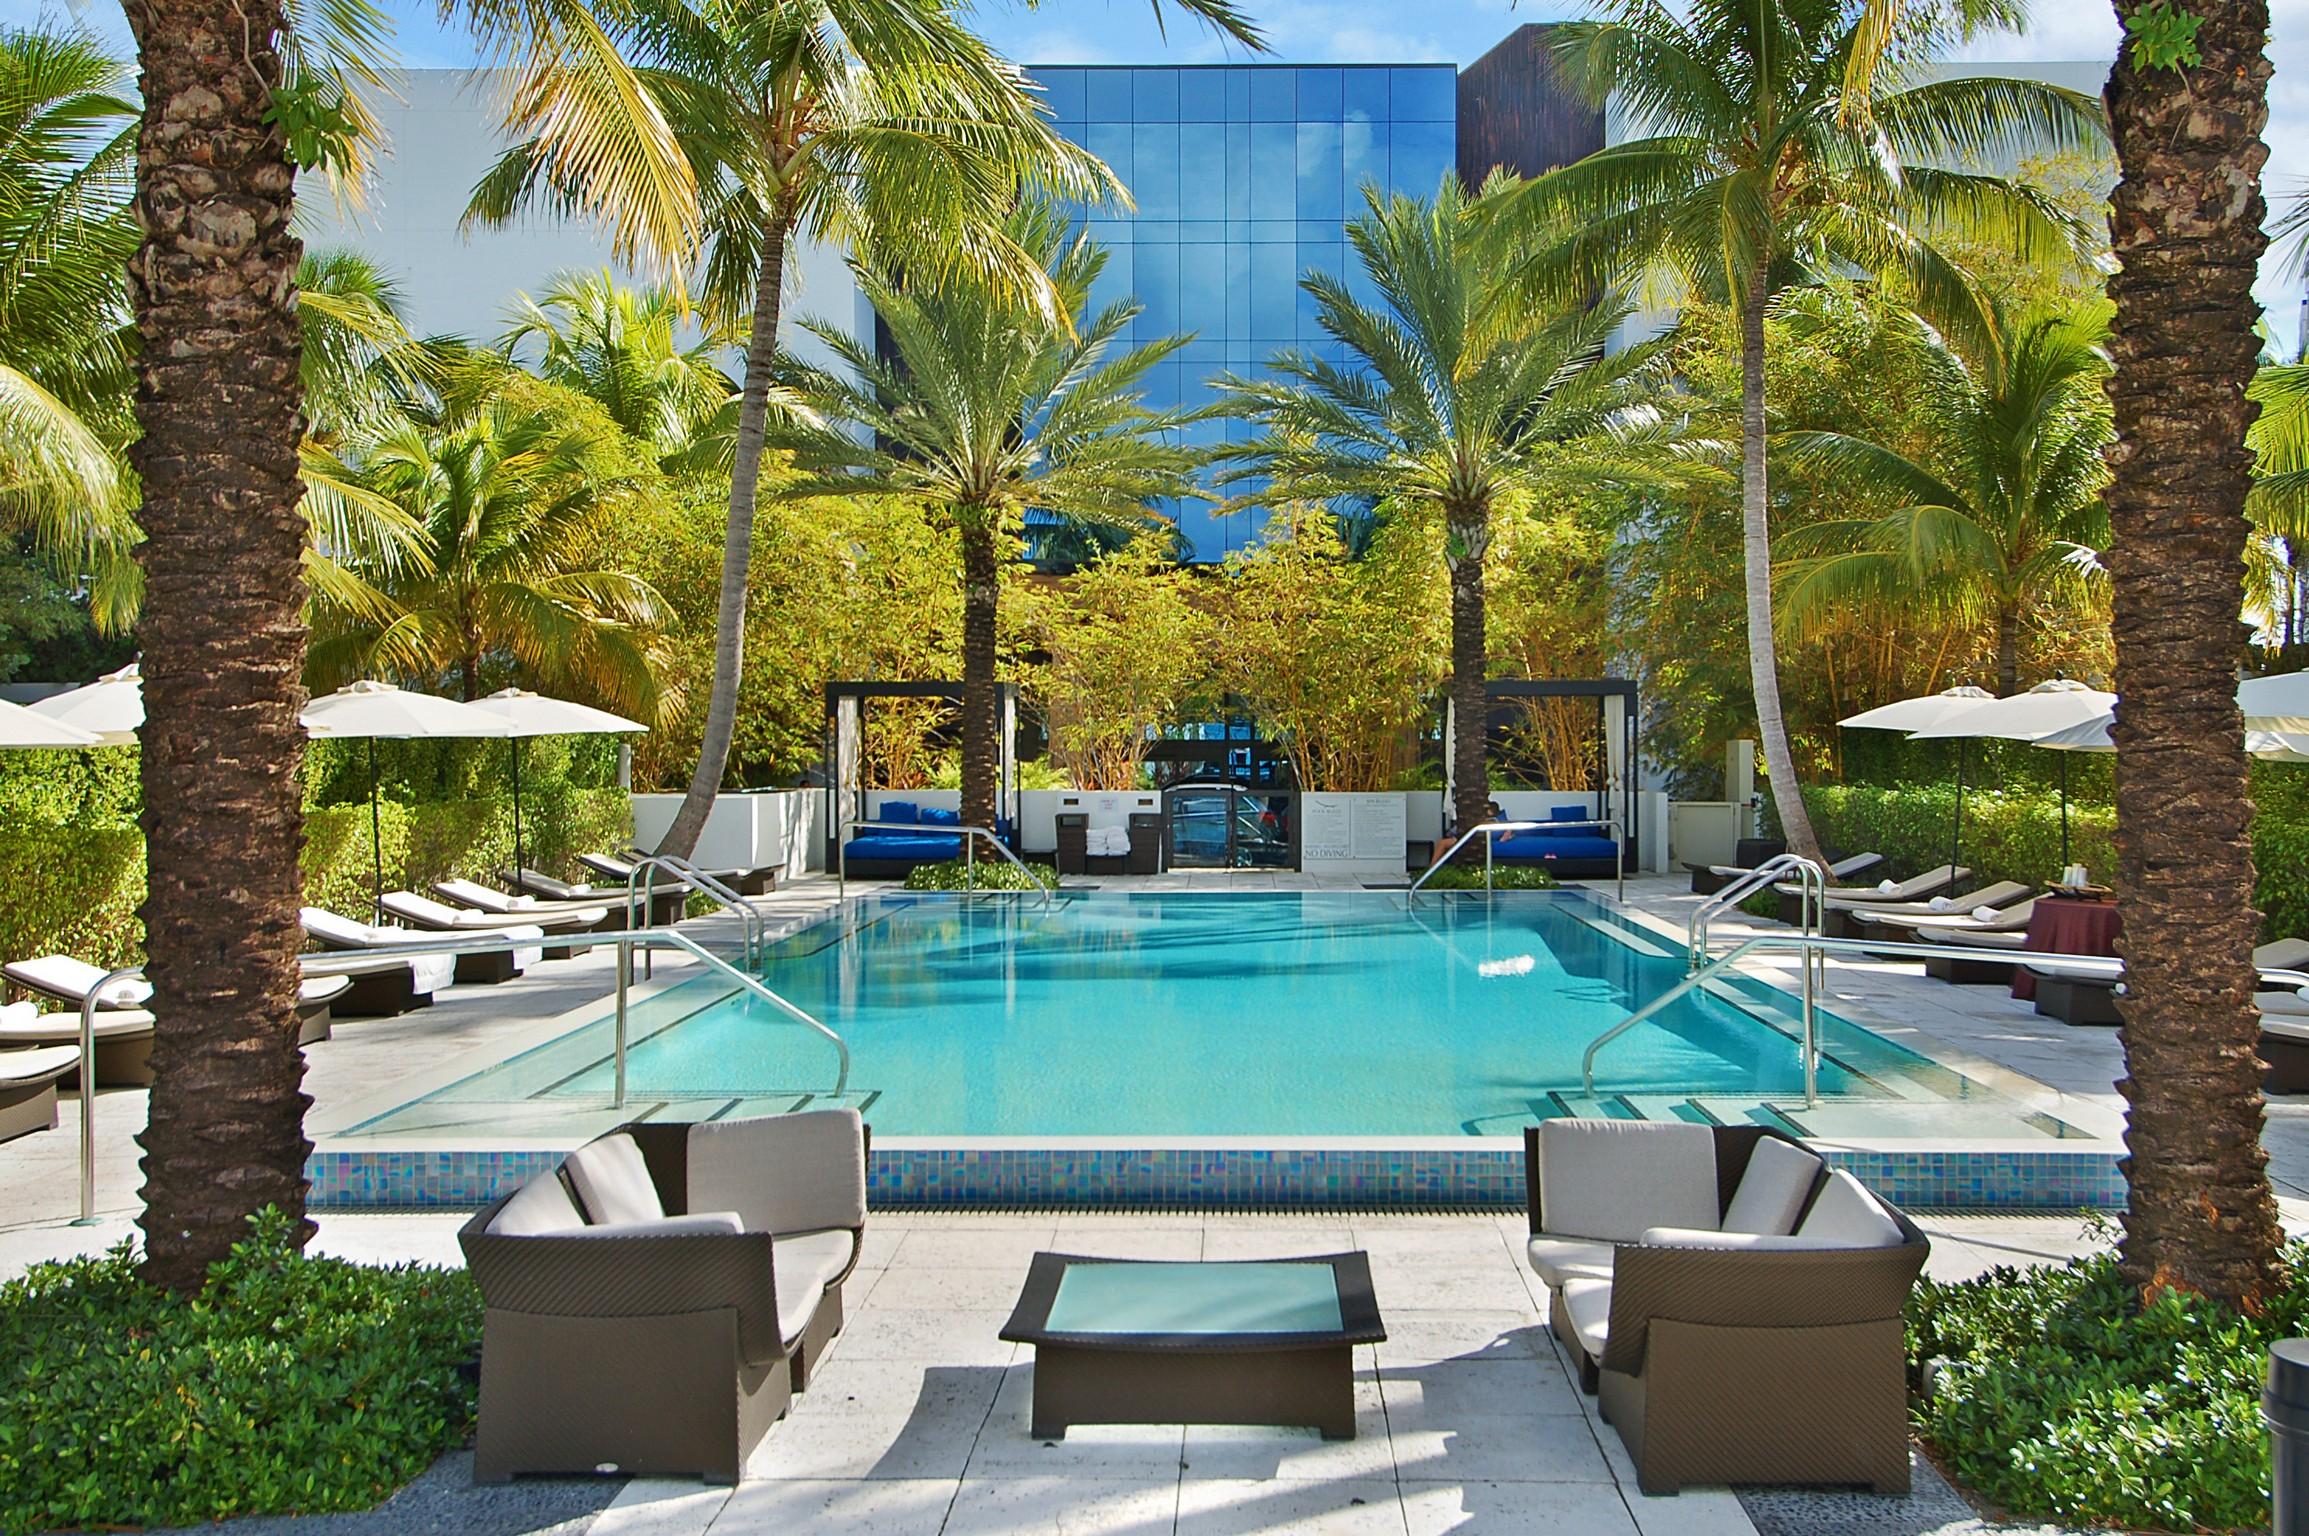 kimpton inaugura tideline resort em palm beach passageiro de primeira. Black Bedroom Furniture Sets. Home Design Ideas